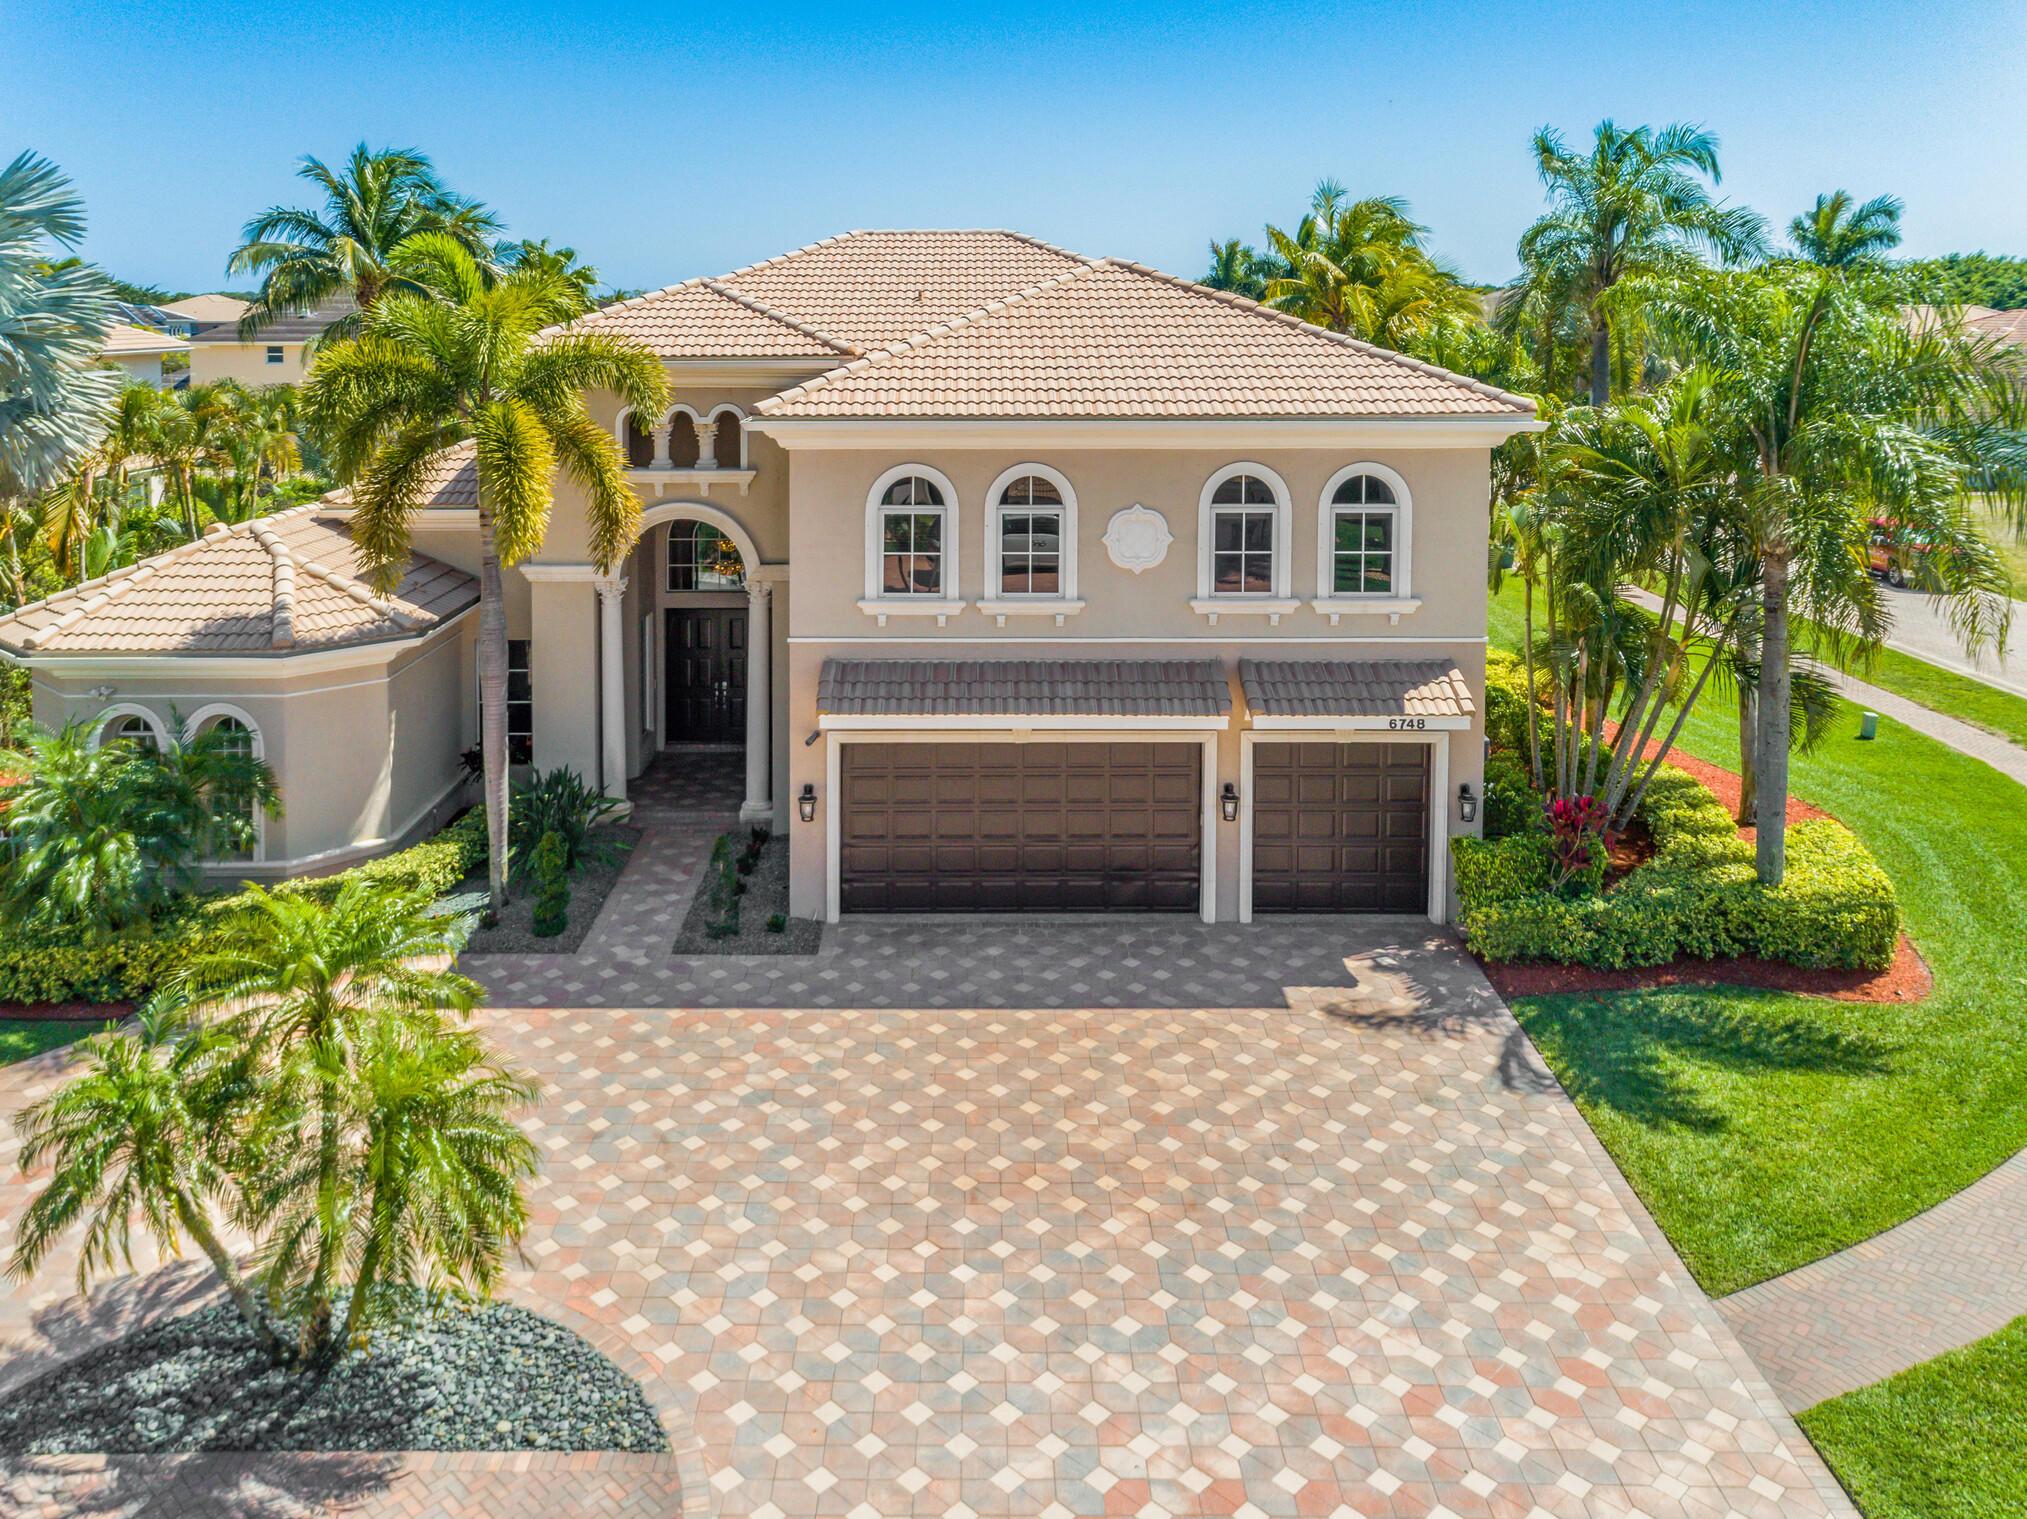 6748 Cobia, Boynton Beach, Florida 33437